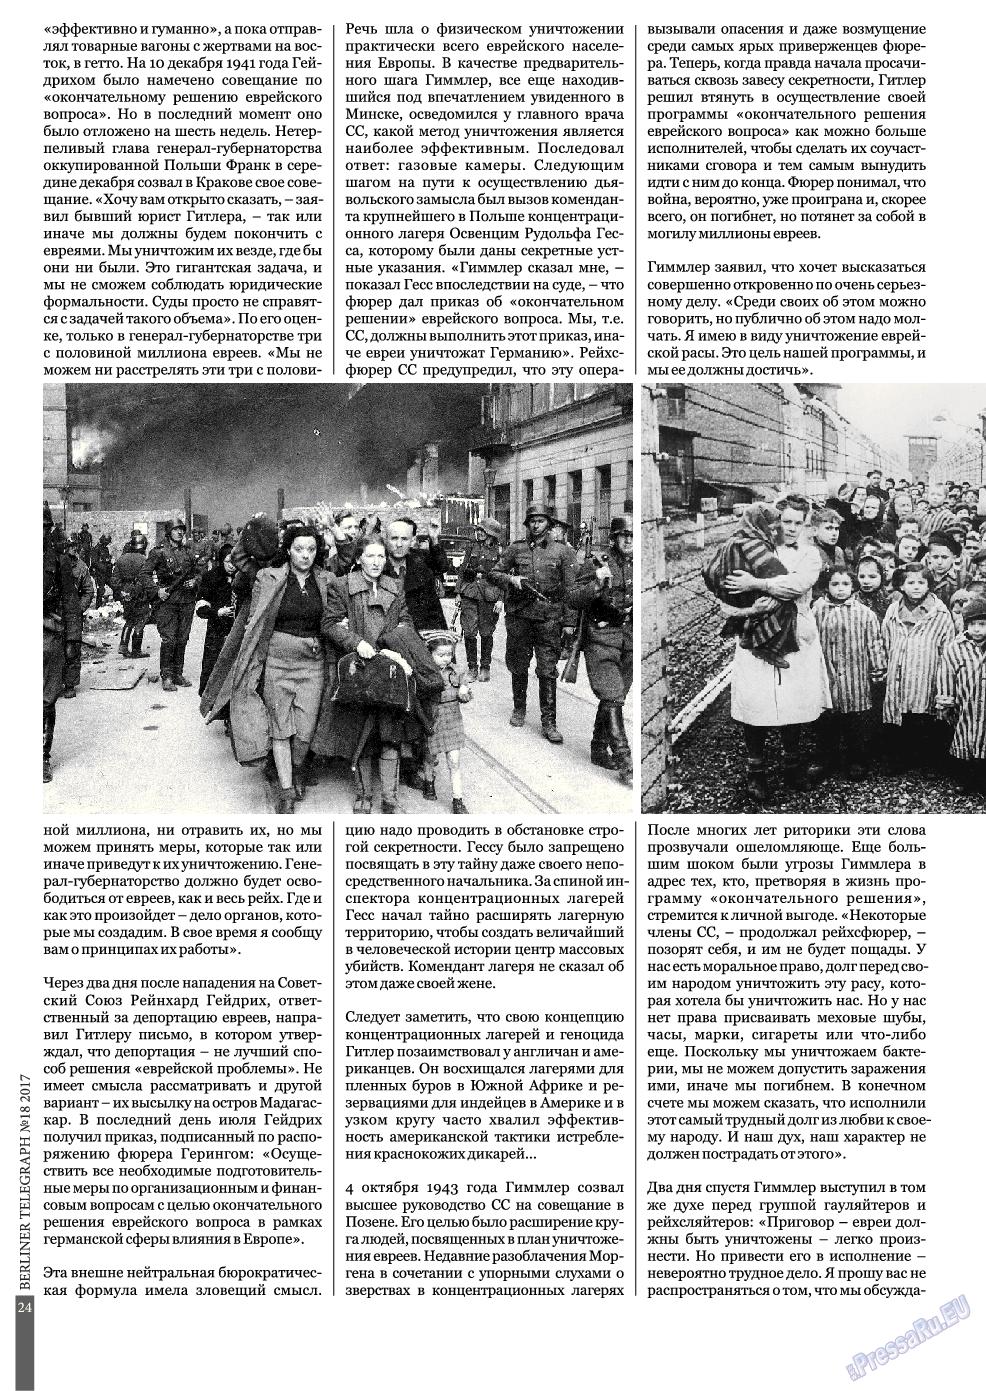 Берлинский телеграф (журнал). 2017 год, номер 18, стр. 24